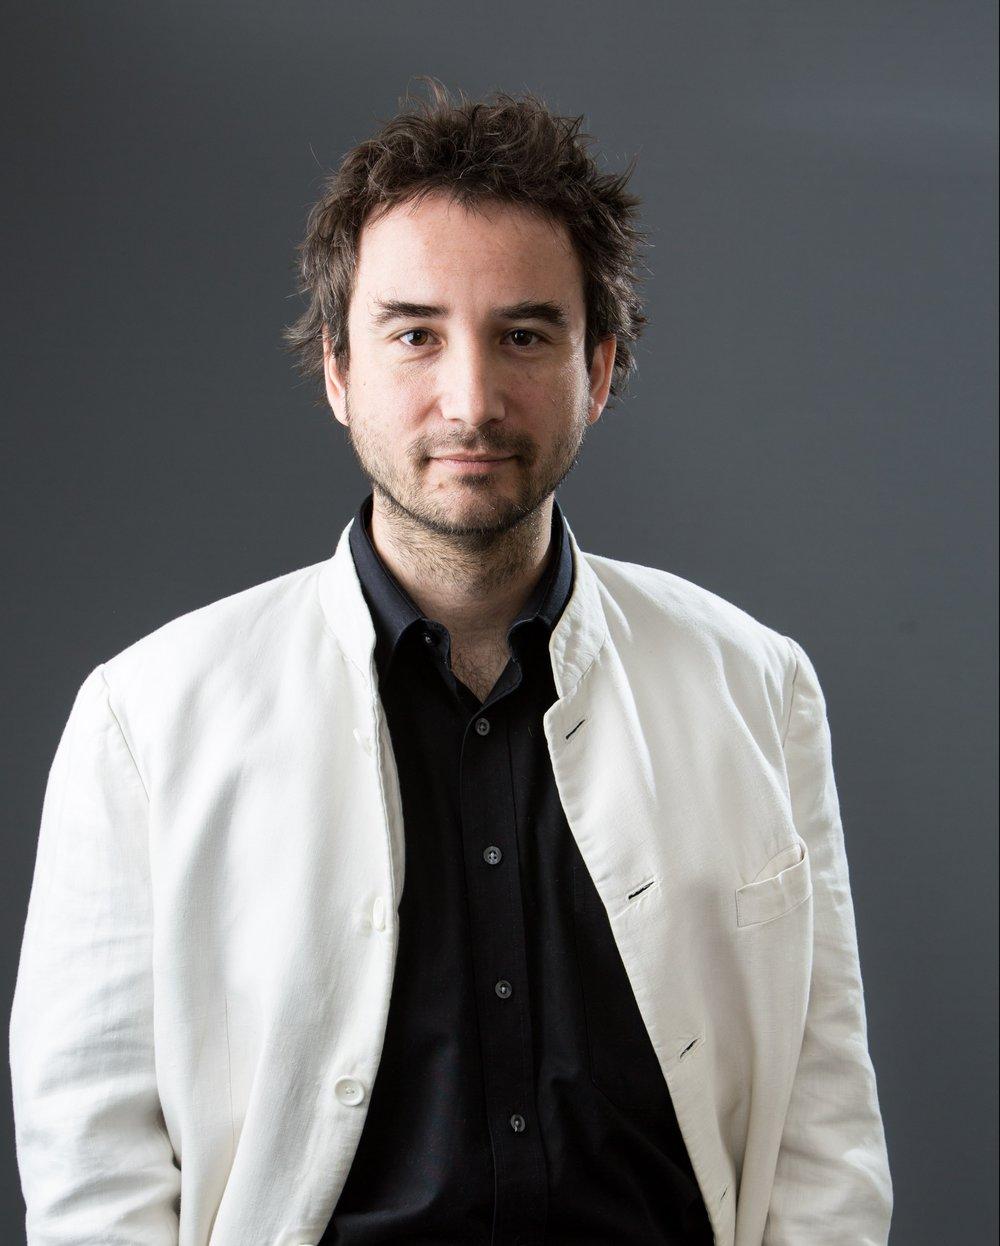 PROFESSOR MISCHA DOHLER